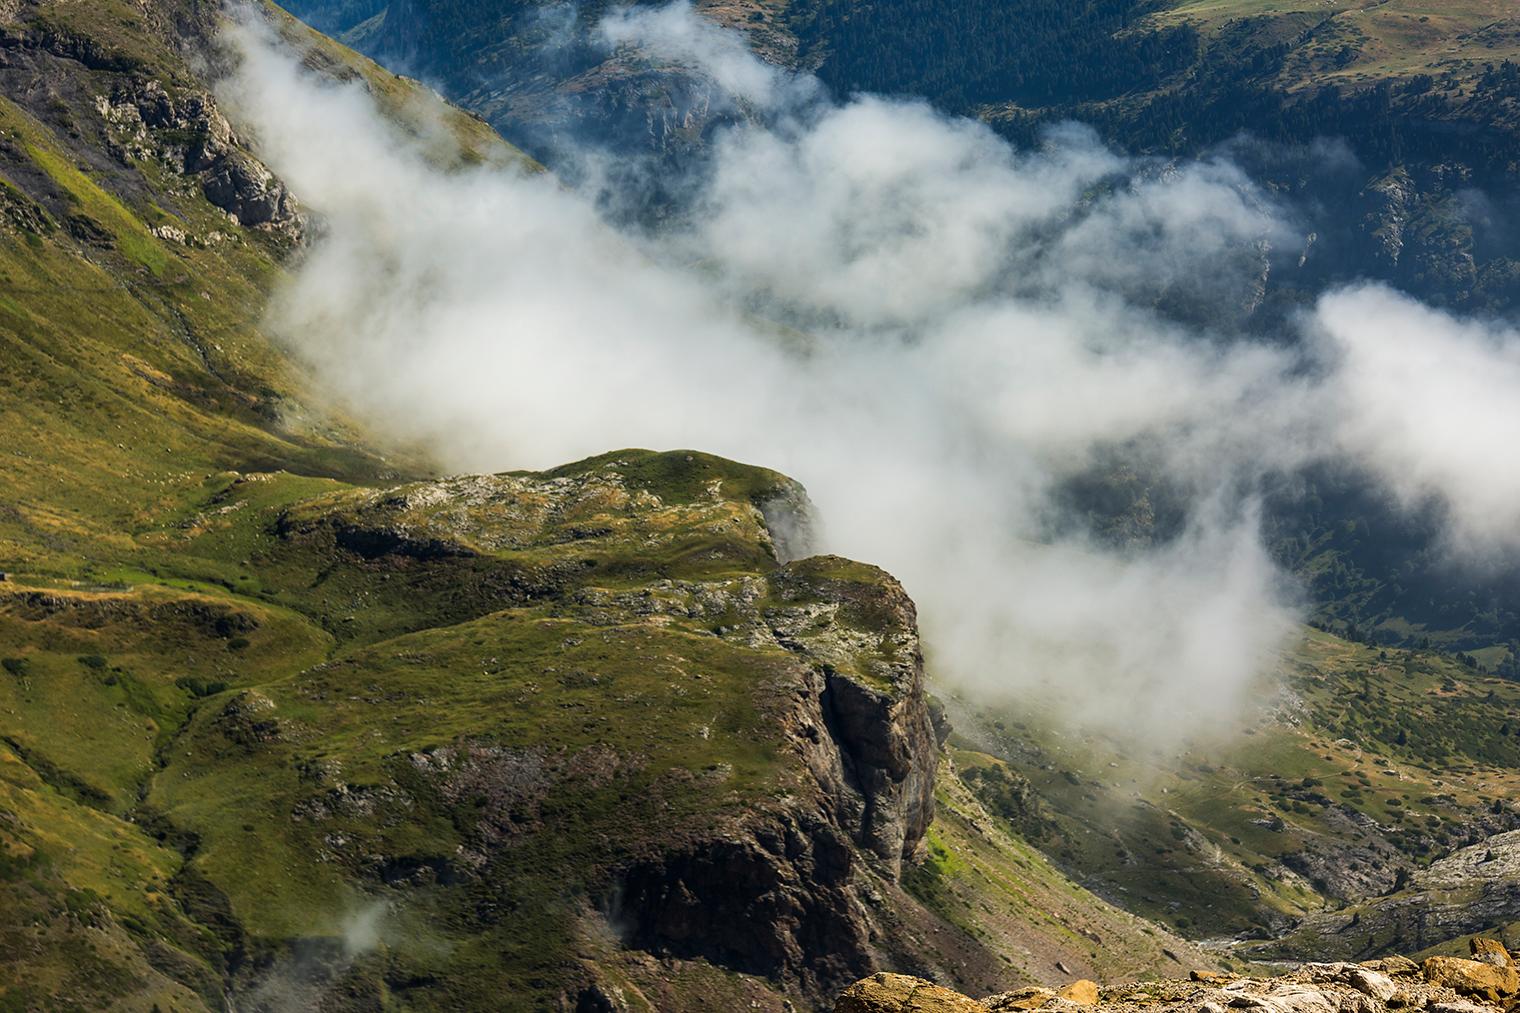 Ladera de una montaña con nubes